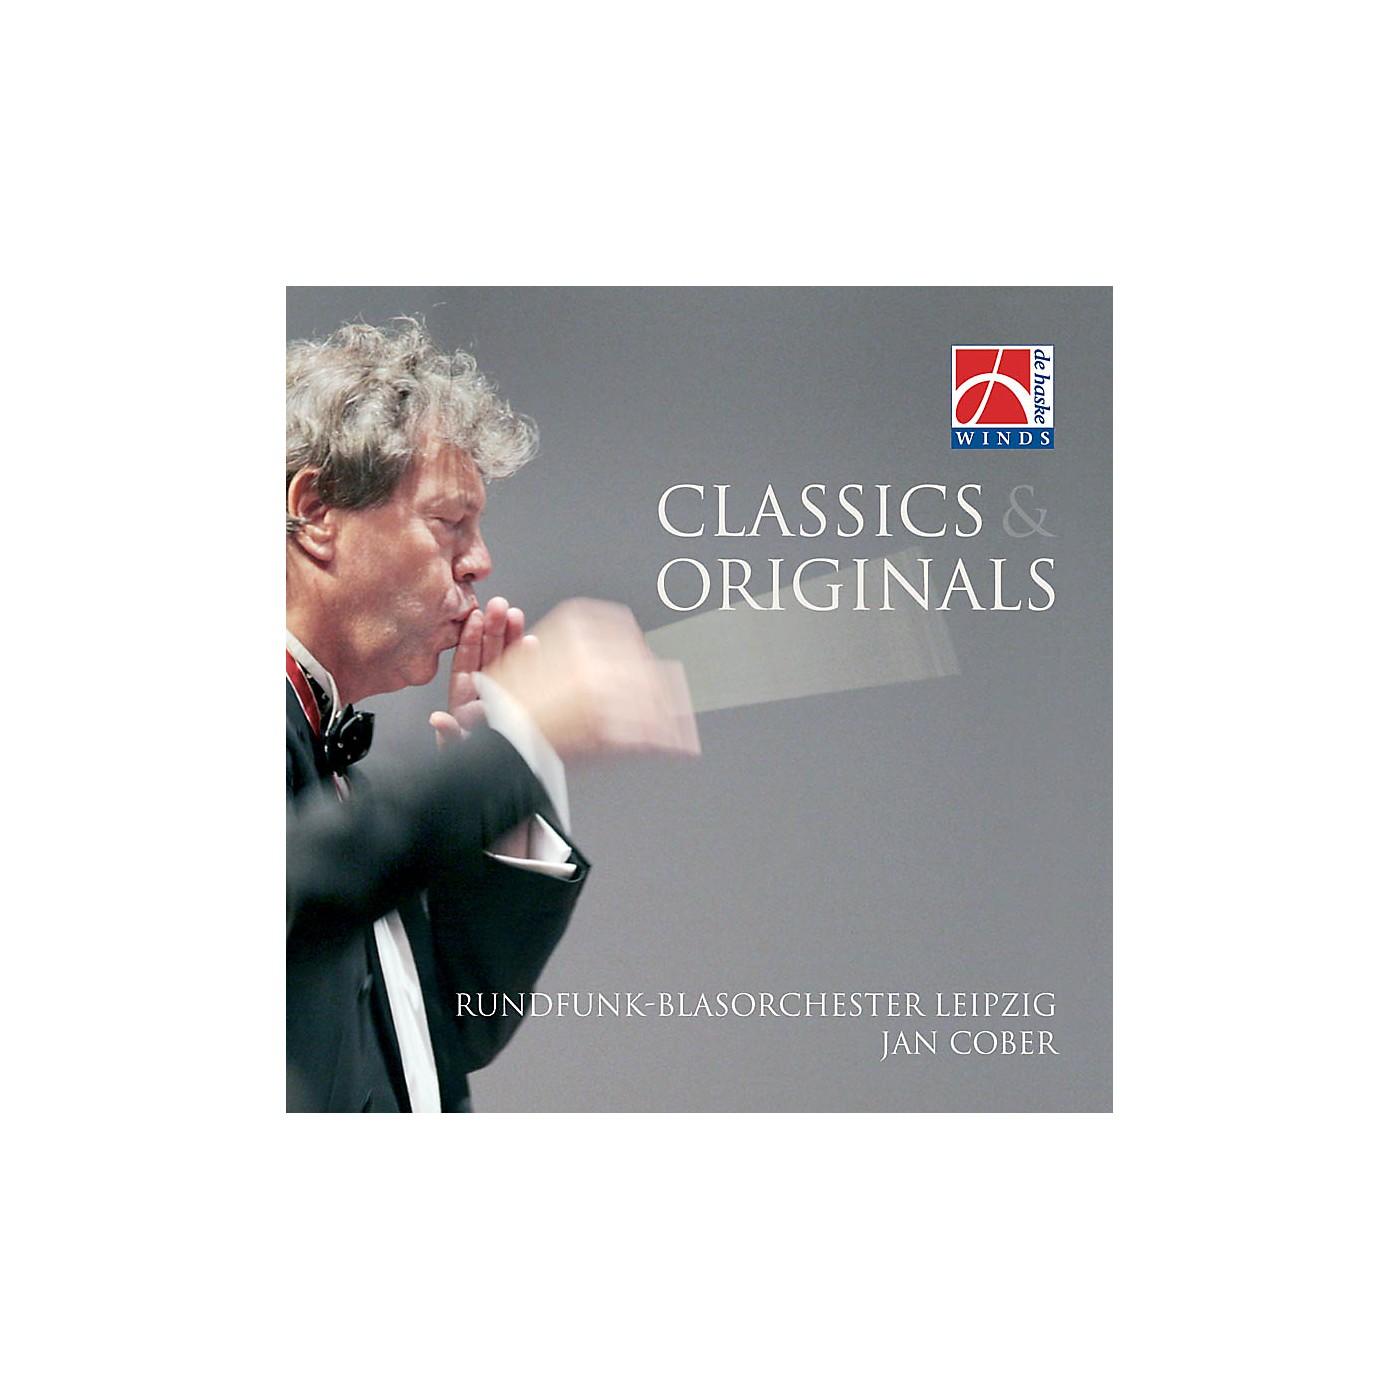 Hal Leonard Classics & Originals Cd Concert Band thumbnail